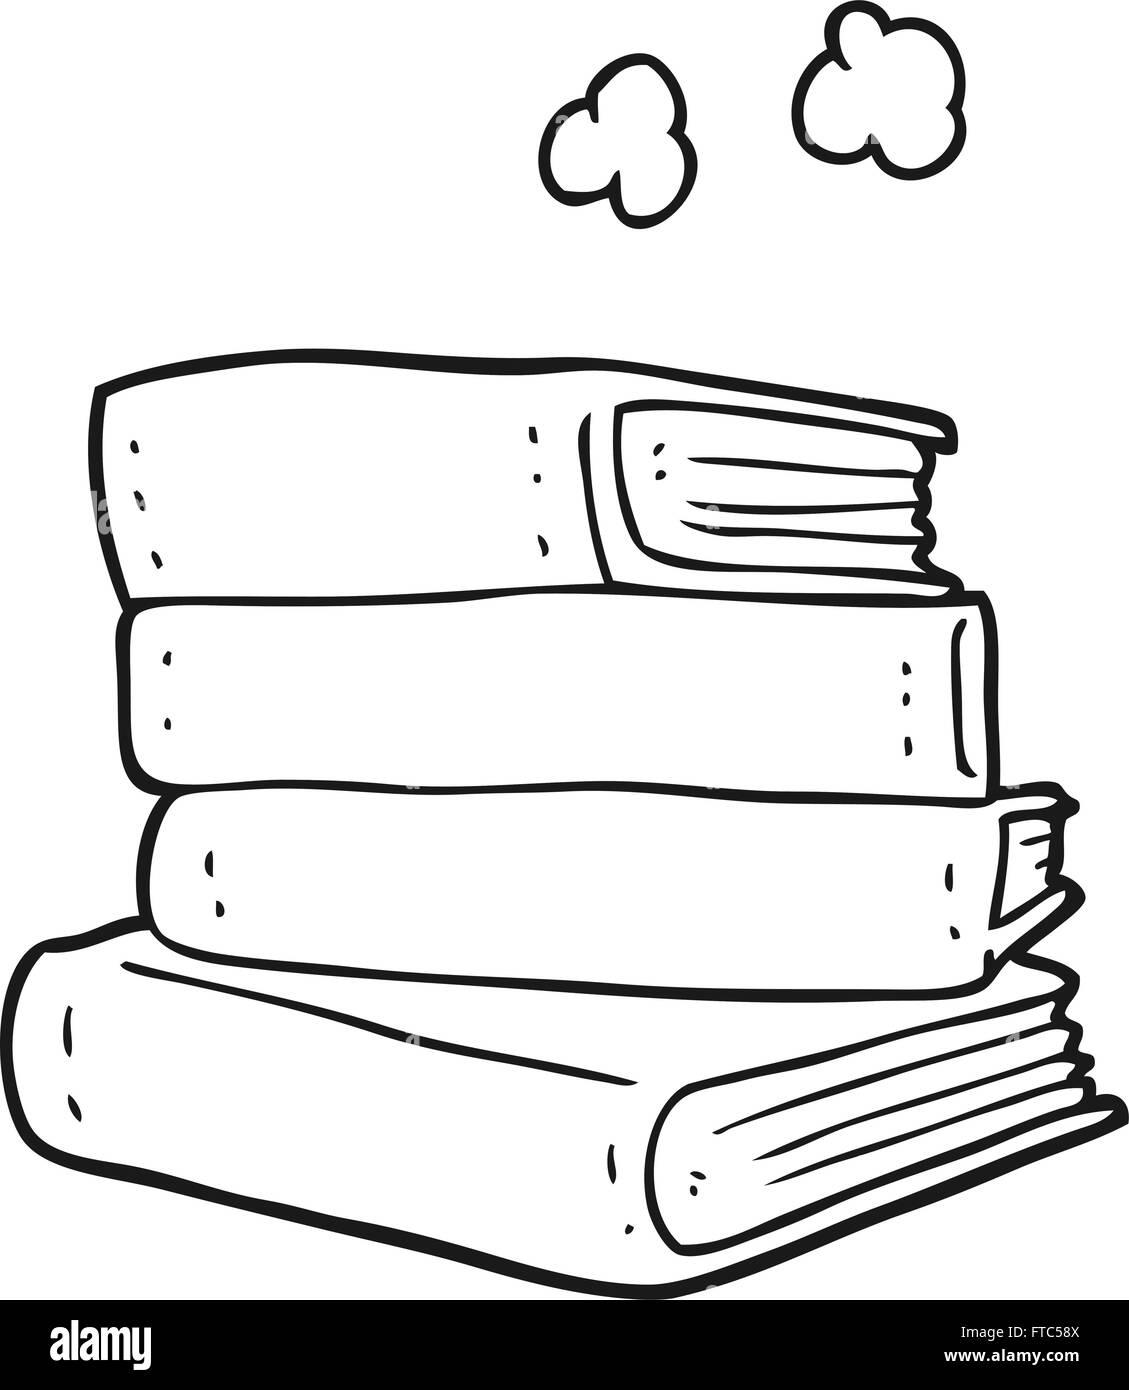 freihändig gezeichnet schwarz / weiß Cartoon Stapel Bücher Vektor ...